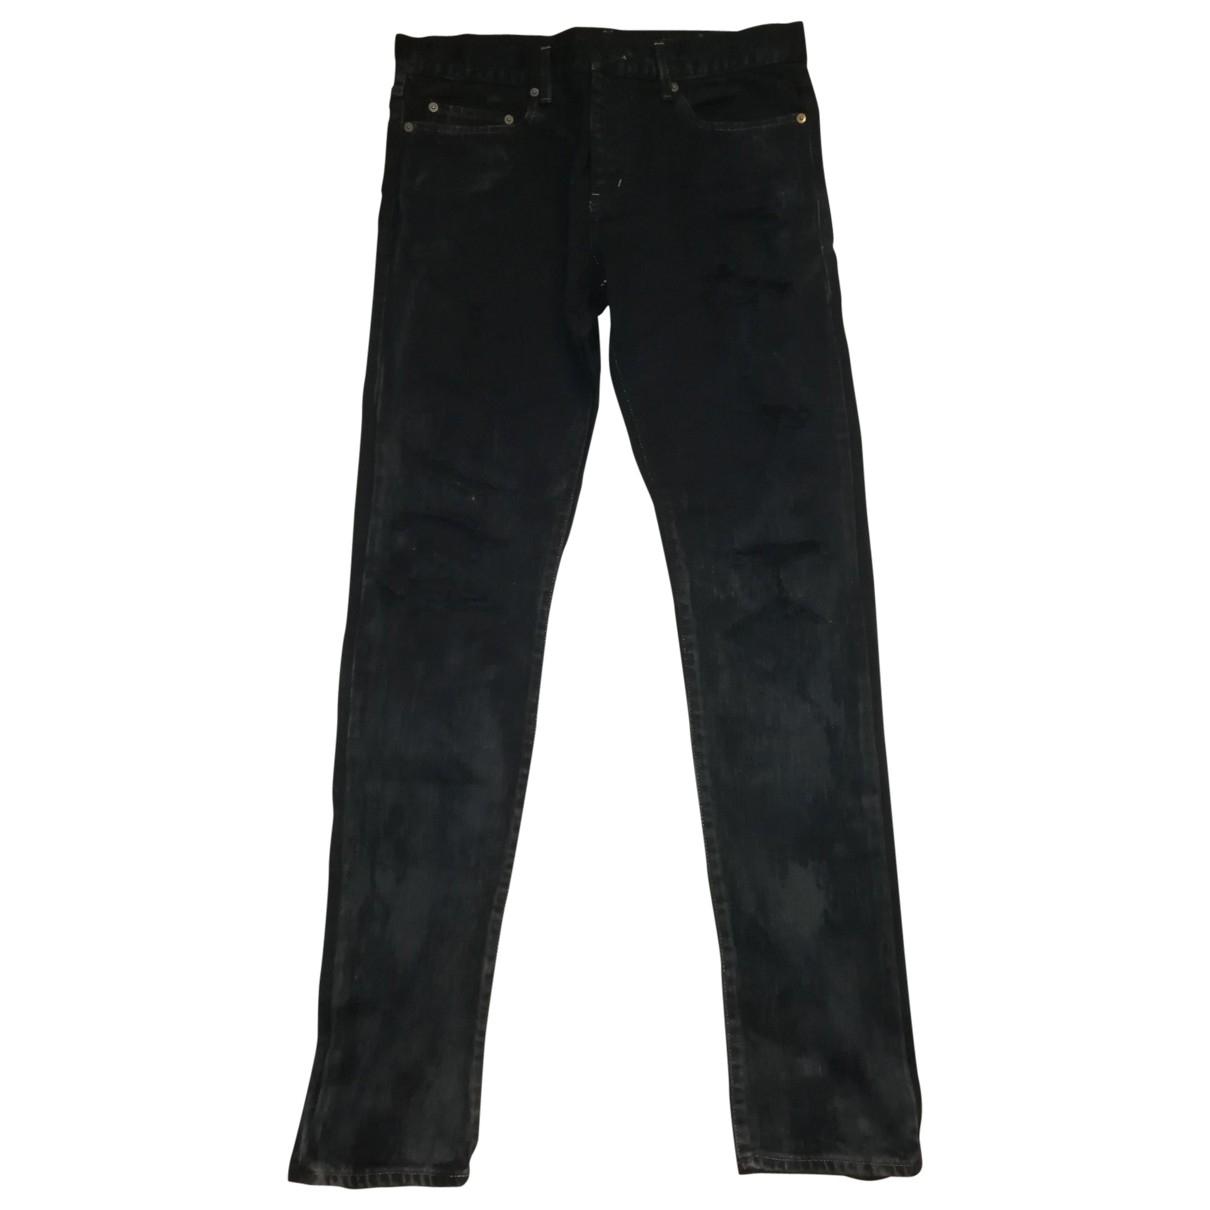 Yves Saint Laurent \N Black Cotton - elasthane Jeans for Men 44 FR